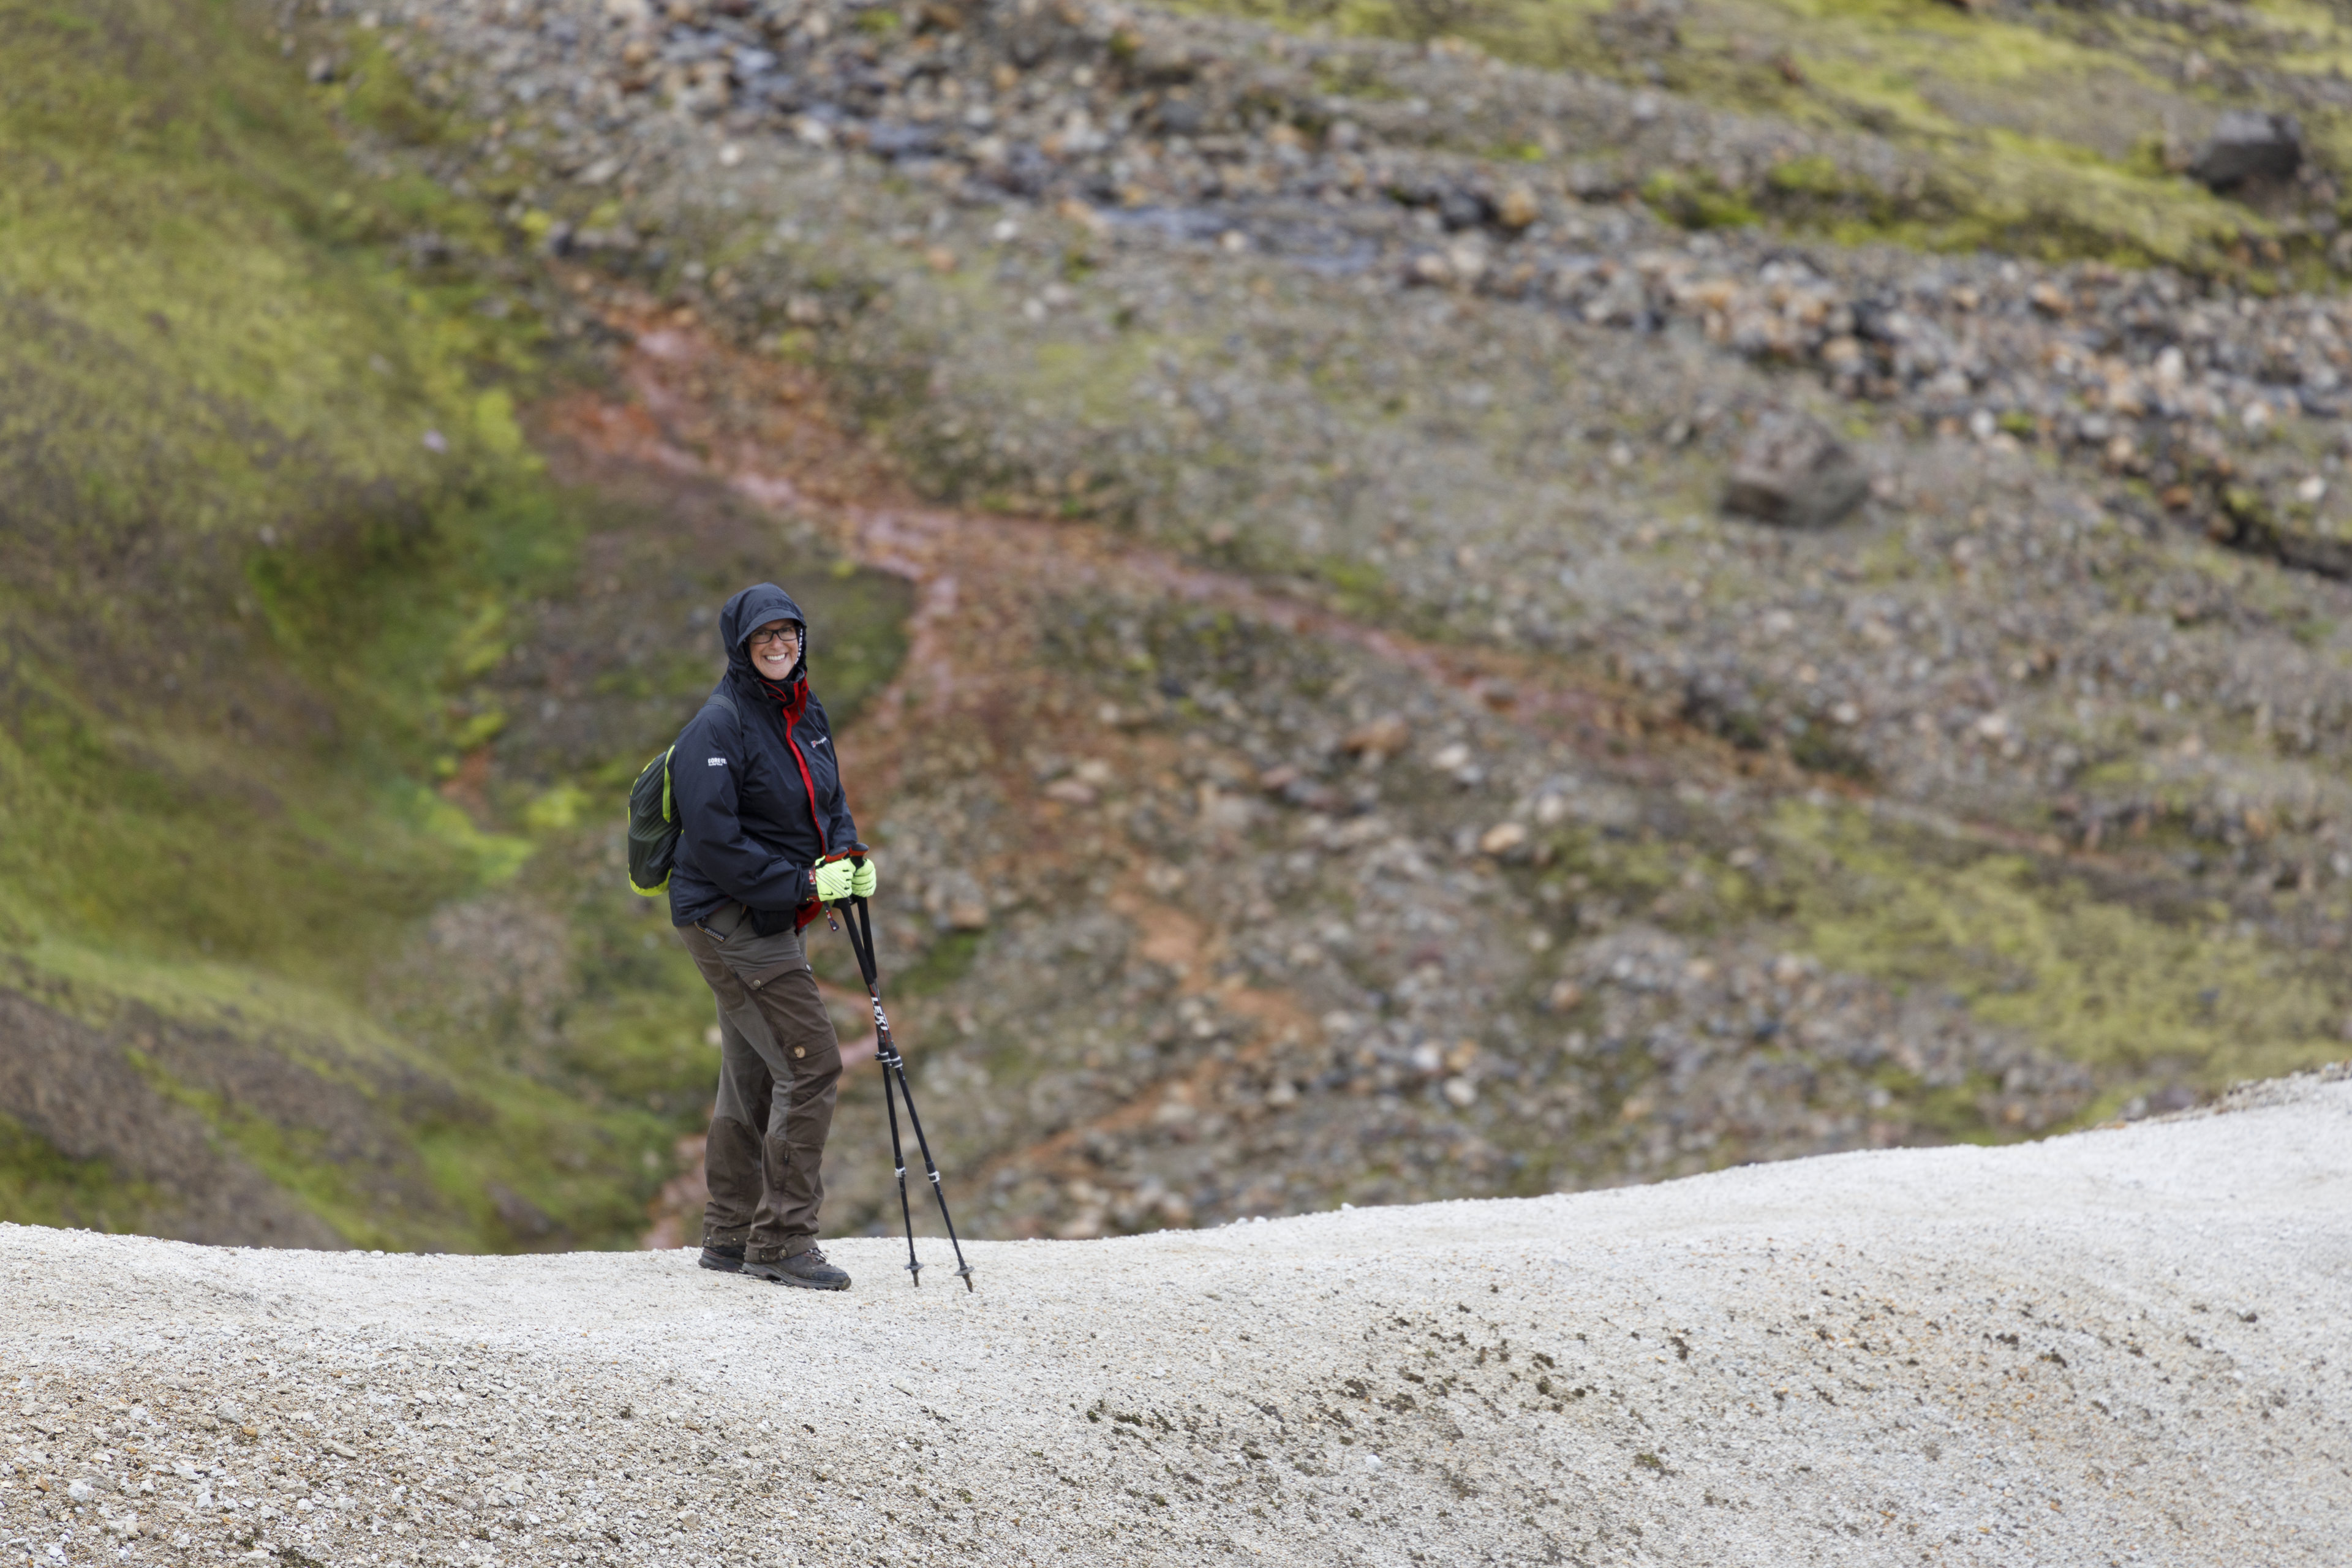 Elisabeth,©Markus Proske—Canon EOS 5D Mark IV, EF70-300mm f/4-5.6L IS USM, 300mm, 1/500s, Blende 5.6, ISO 400